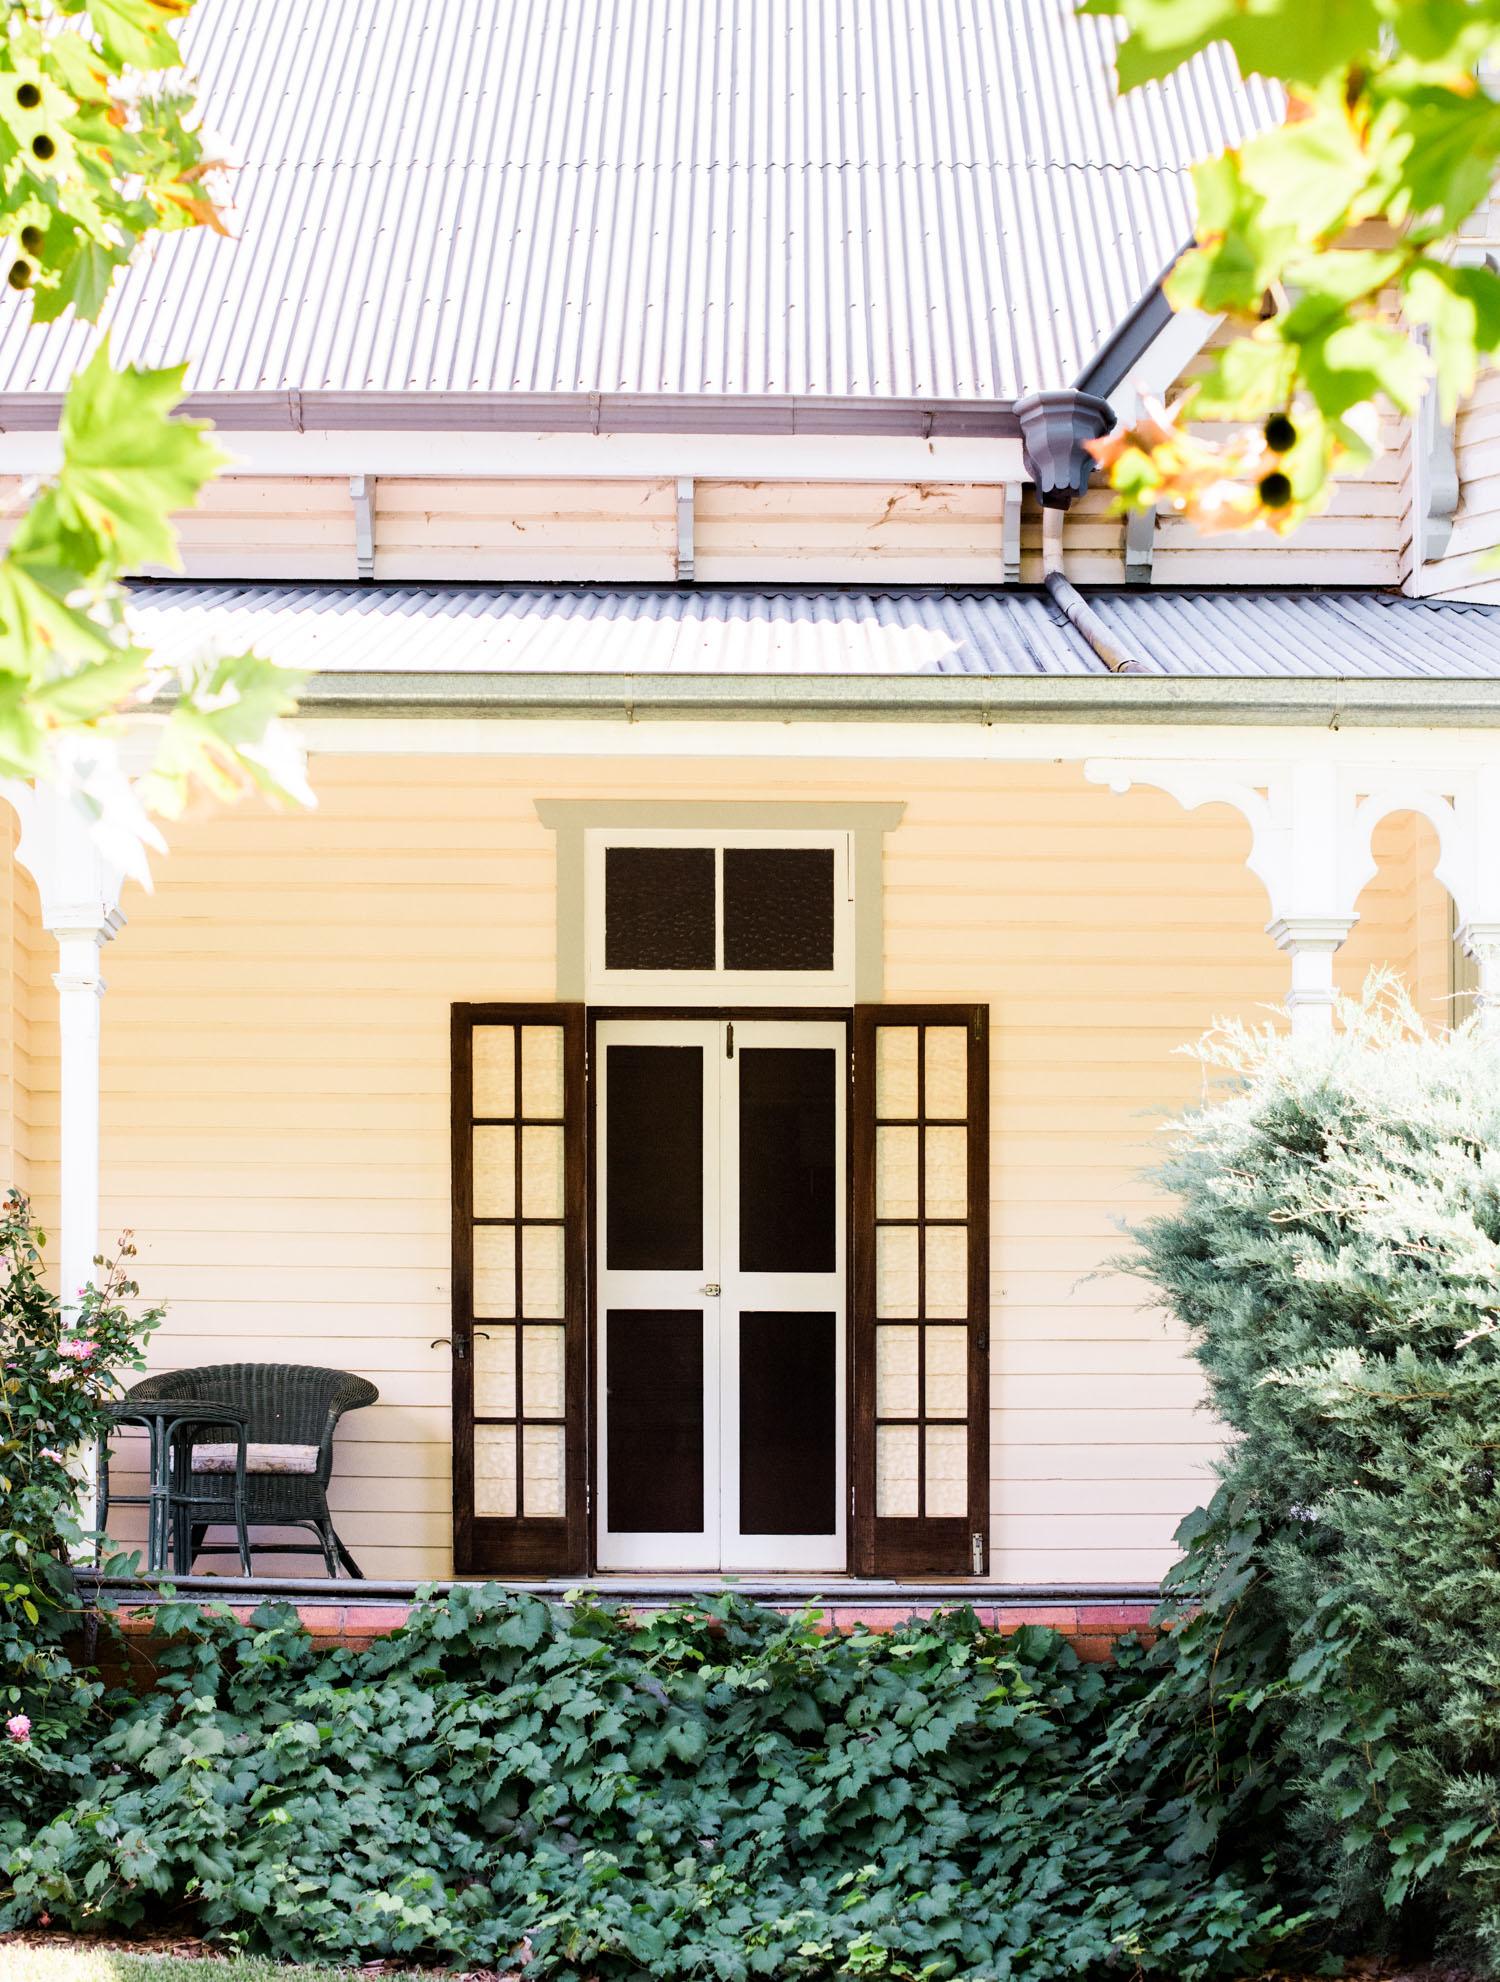 hannahpuechmarin-historic-home-harrow-house-11.jpg